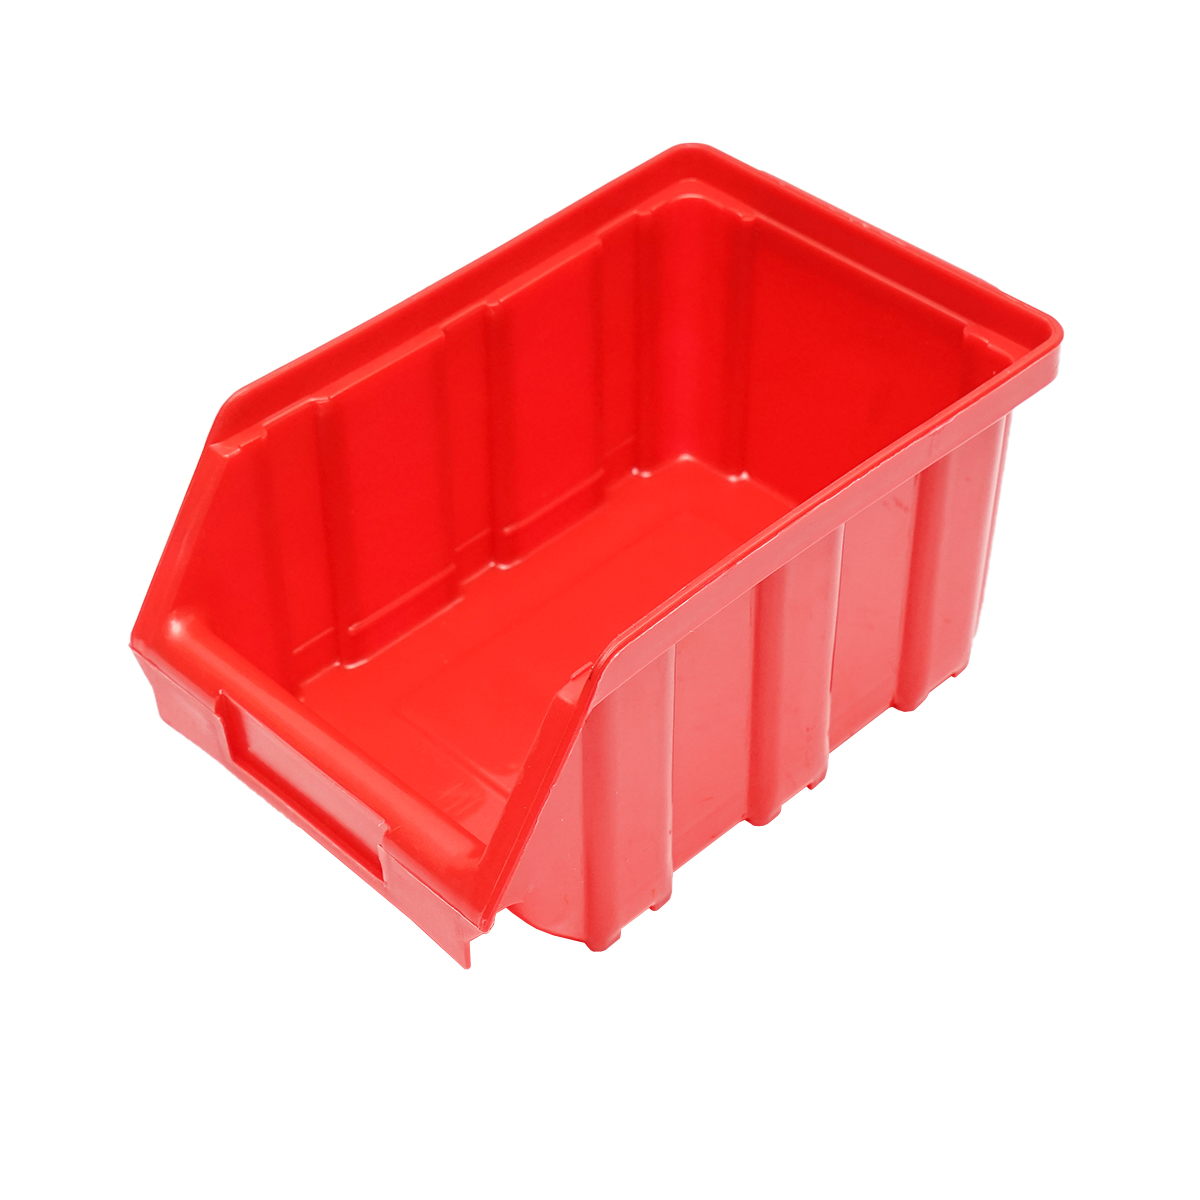 Cutie plastic depozitare 105x170x95mm rosie